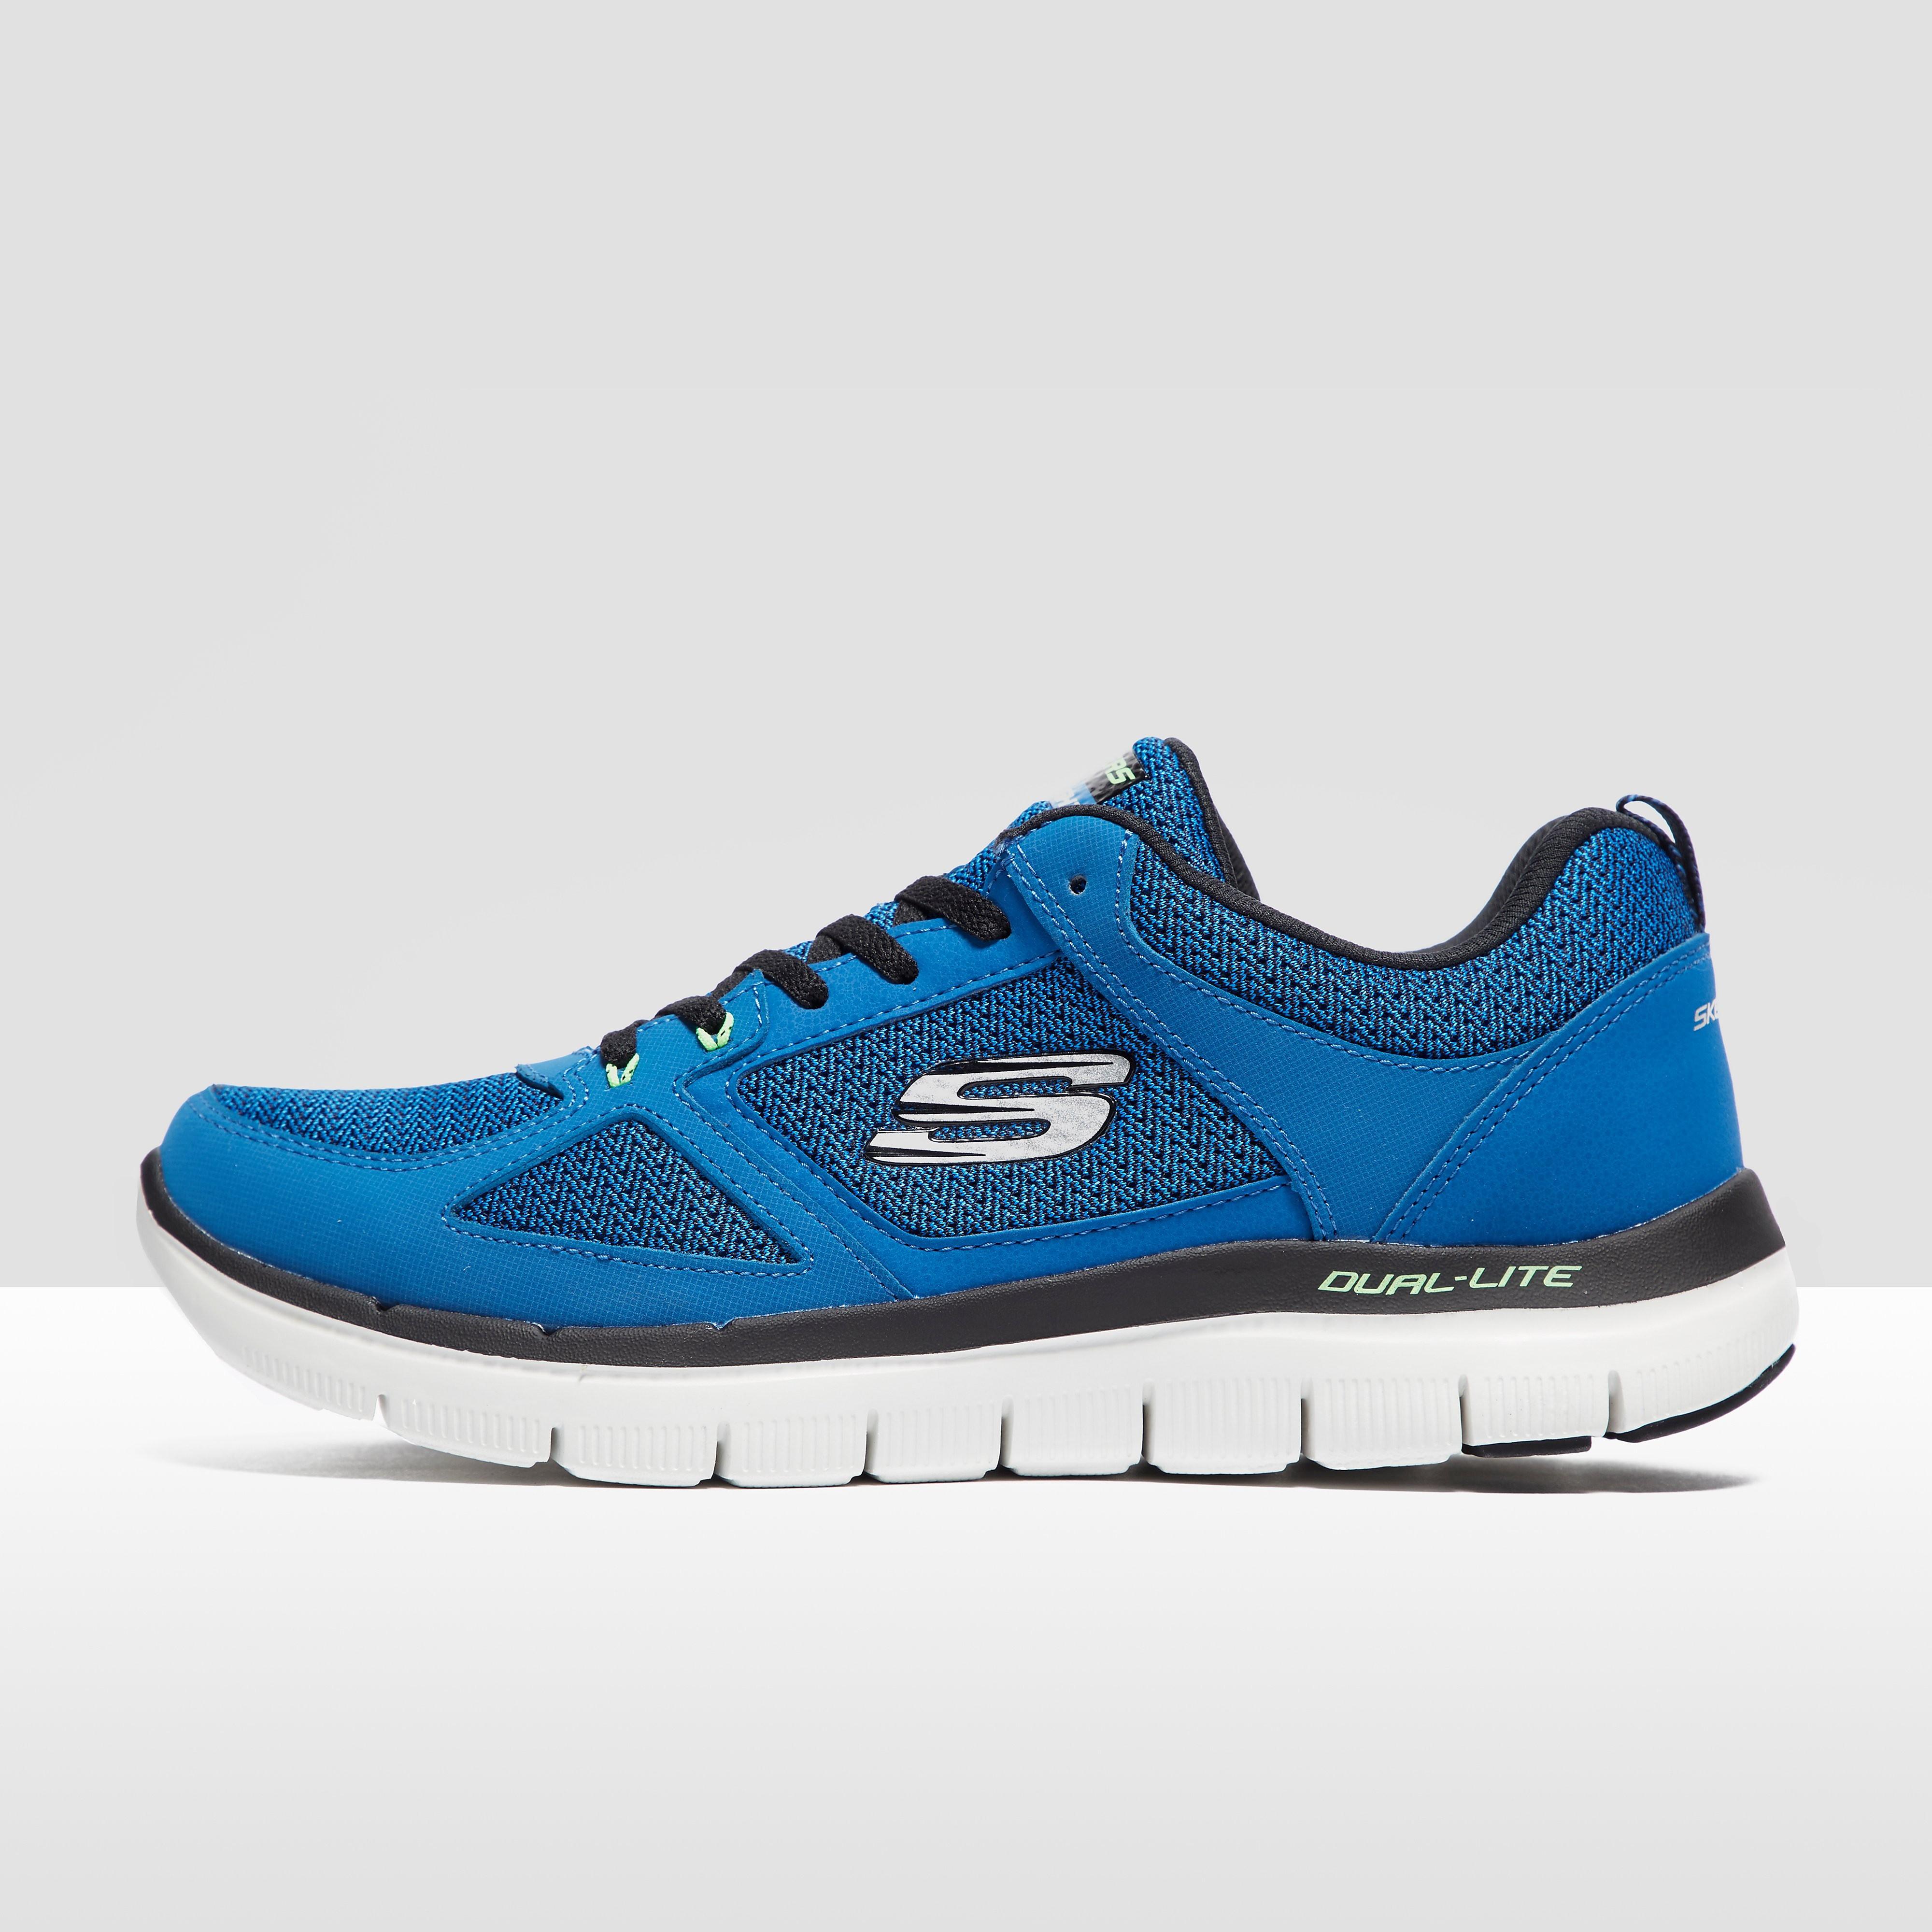 Skechers Flex Advantage 2 Men's Training Shoes